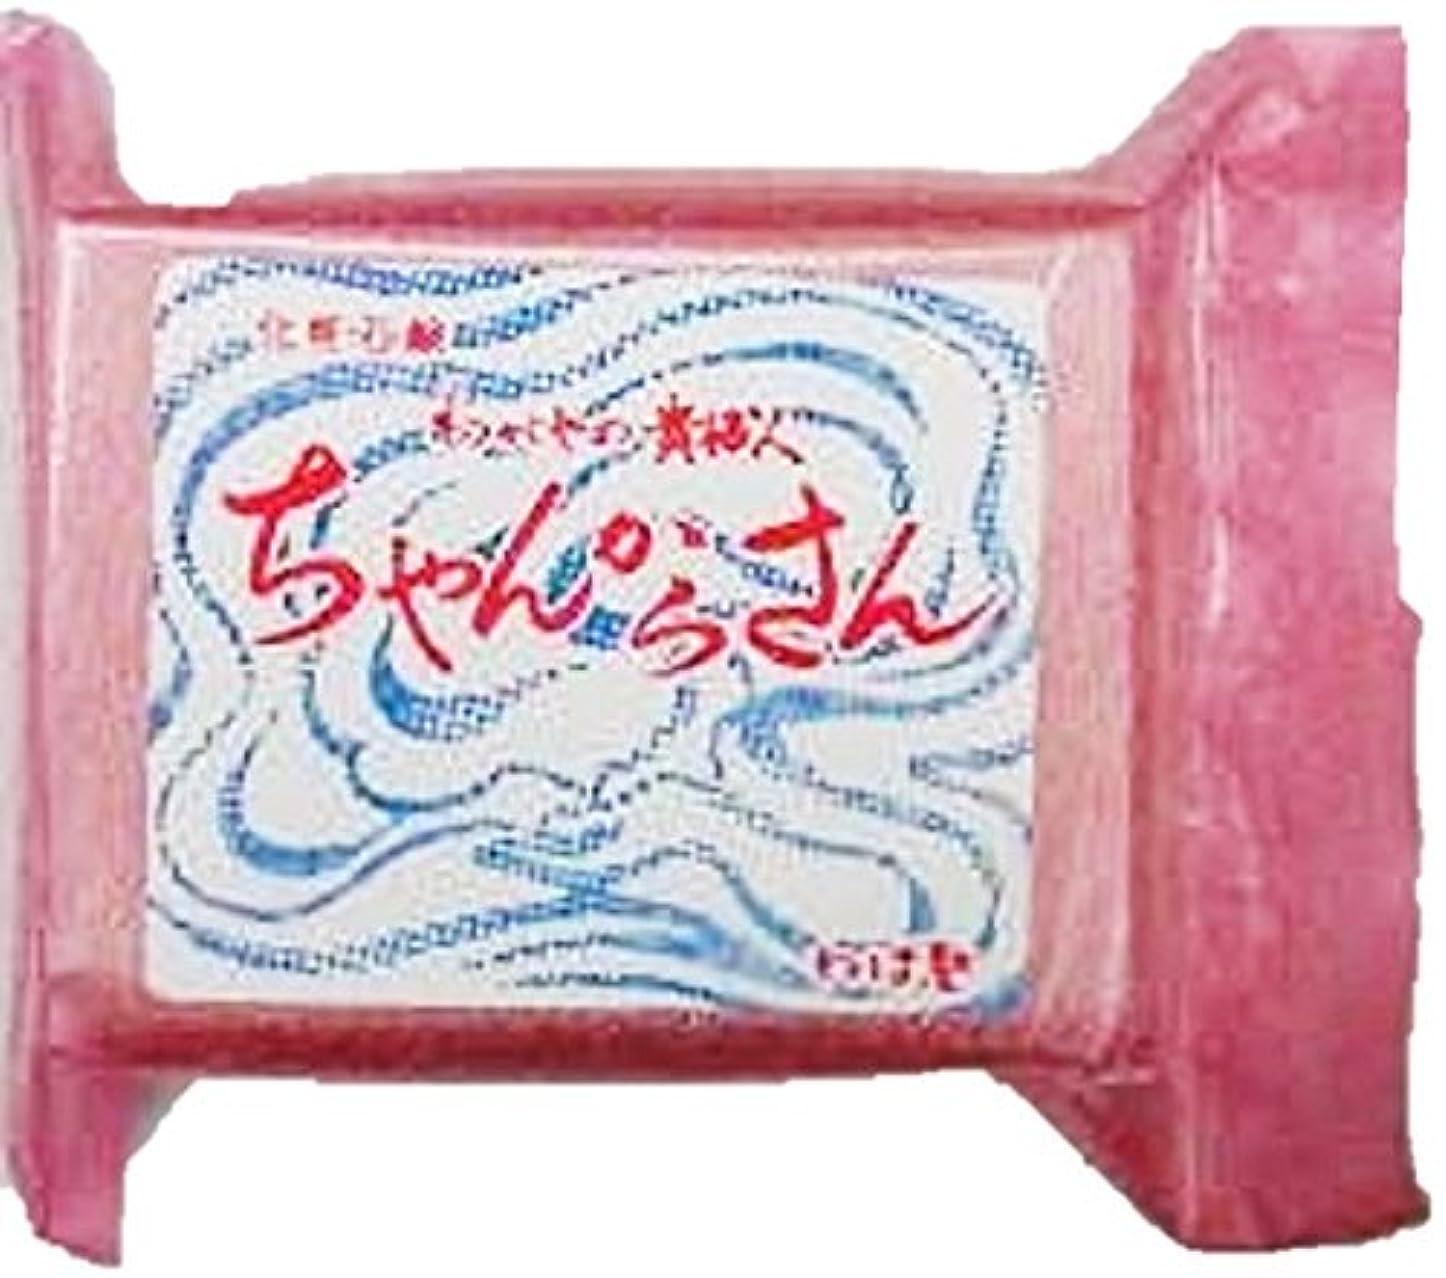 シュガーボス冒険家ちゃんからさん 化粧石鹸 (95g)